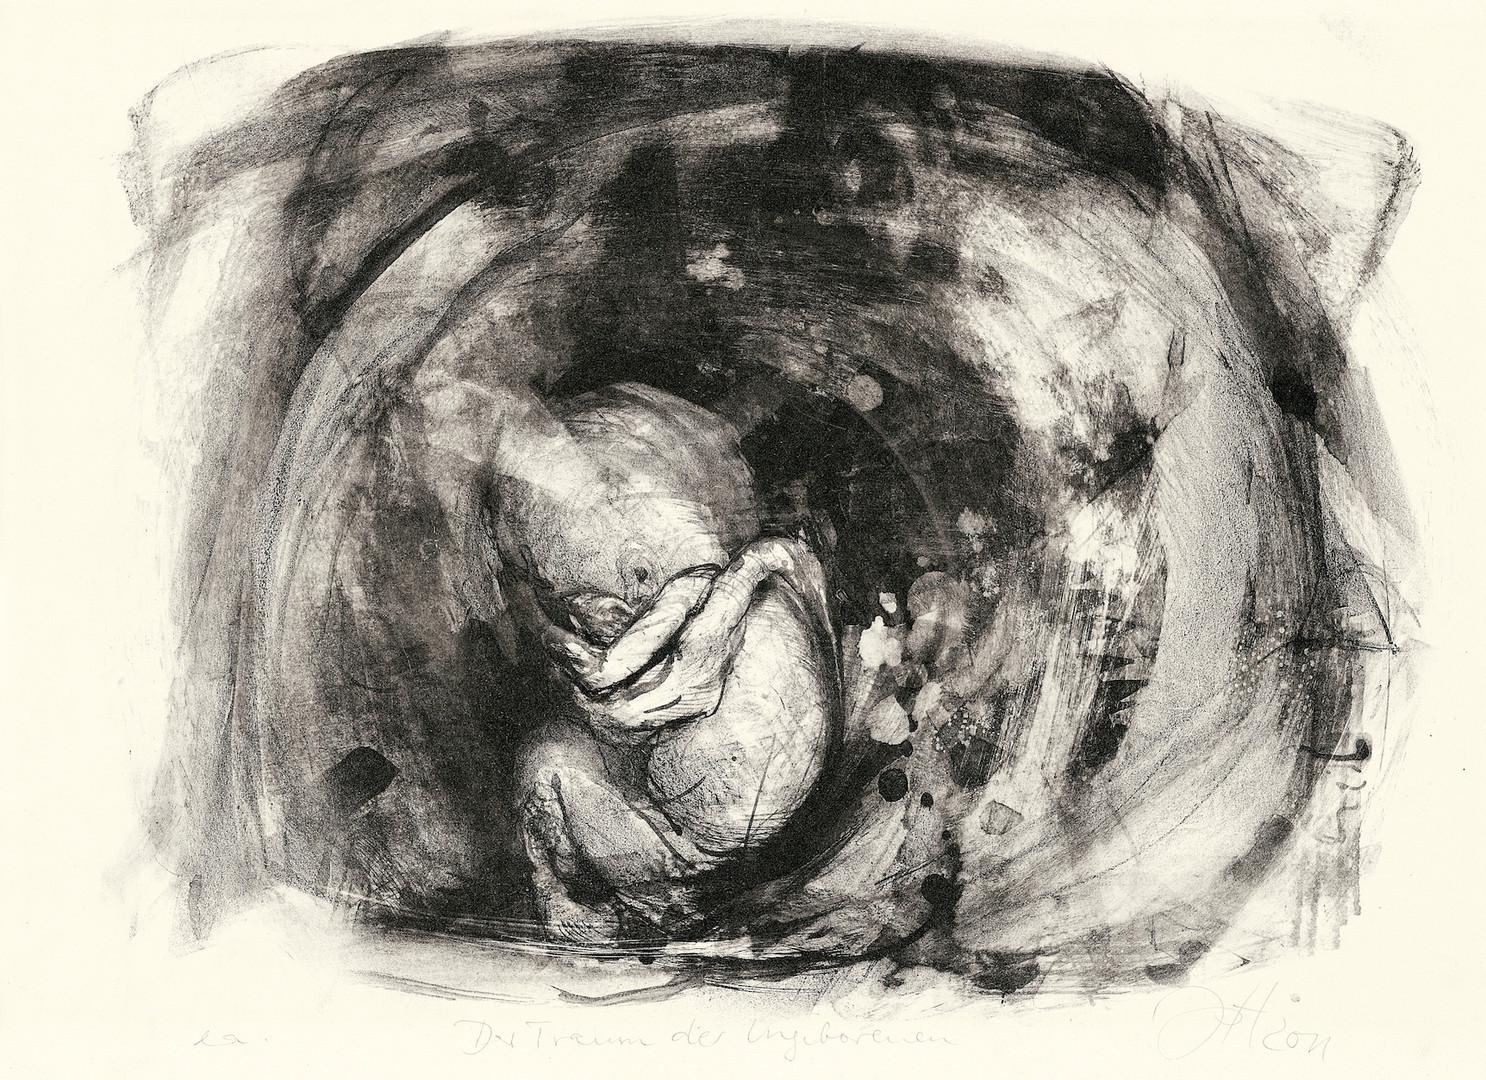 Blatt 9 Der Traum des Ungeborenen